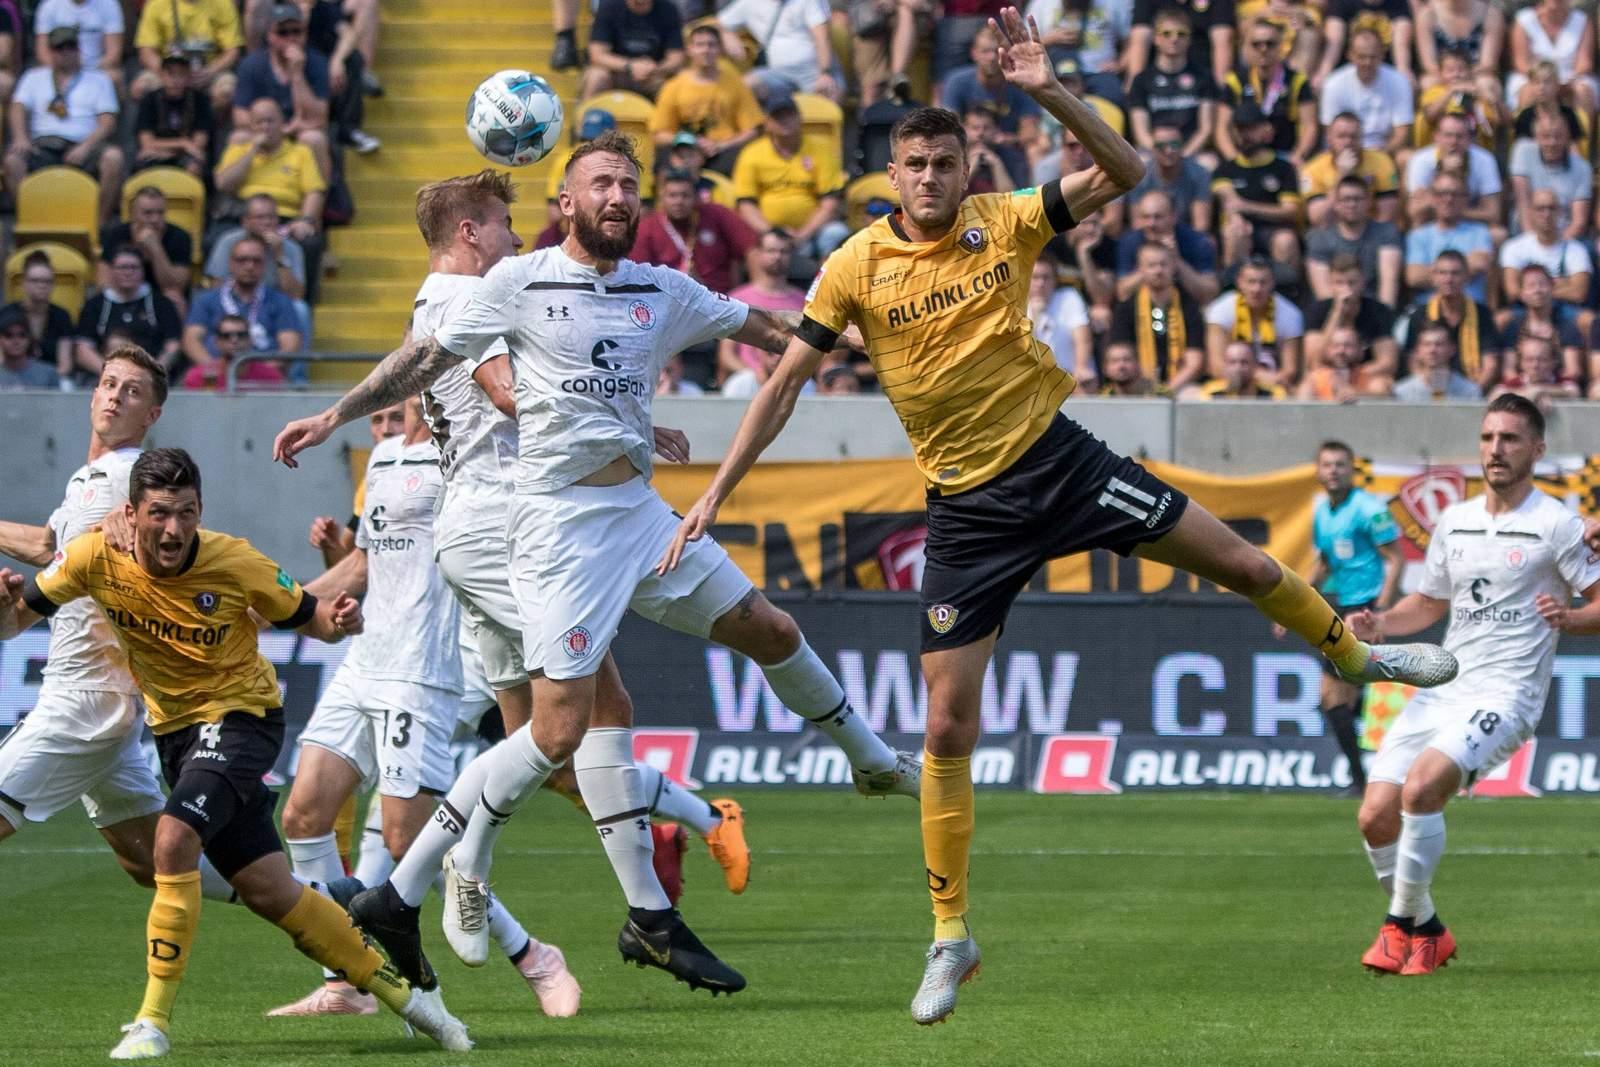 Alexander Jeremejeff von Dynamo Dresden im Kopfballduell mit Marvin Knoll von St. Pauli